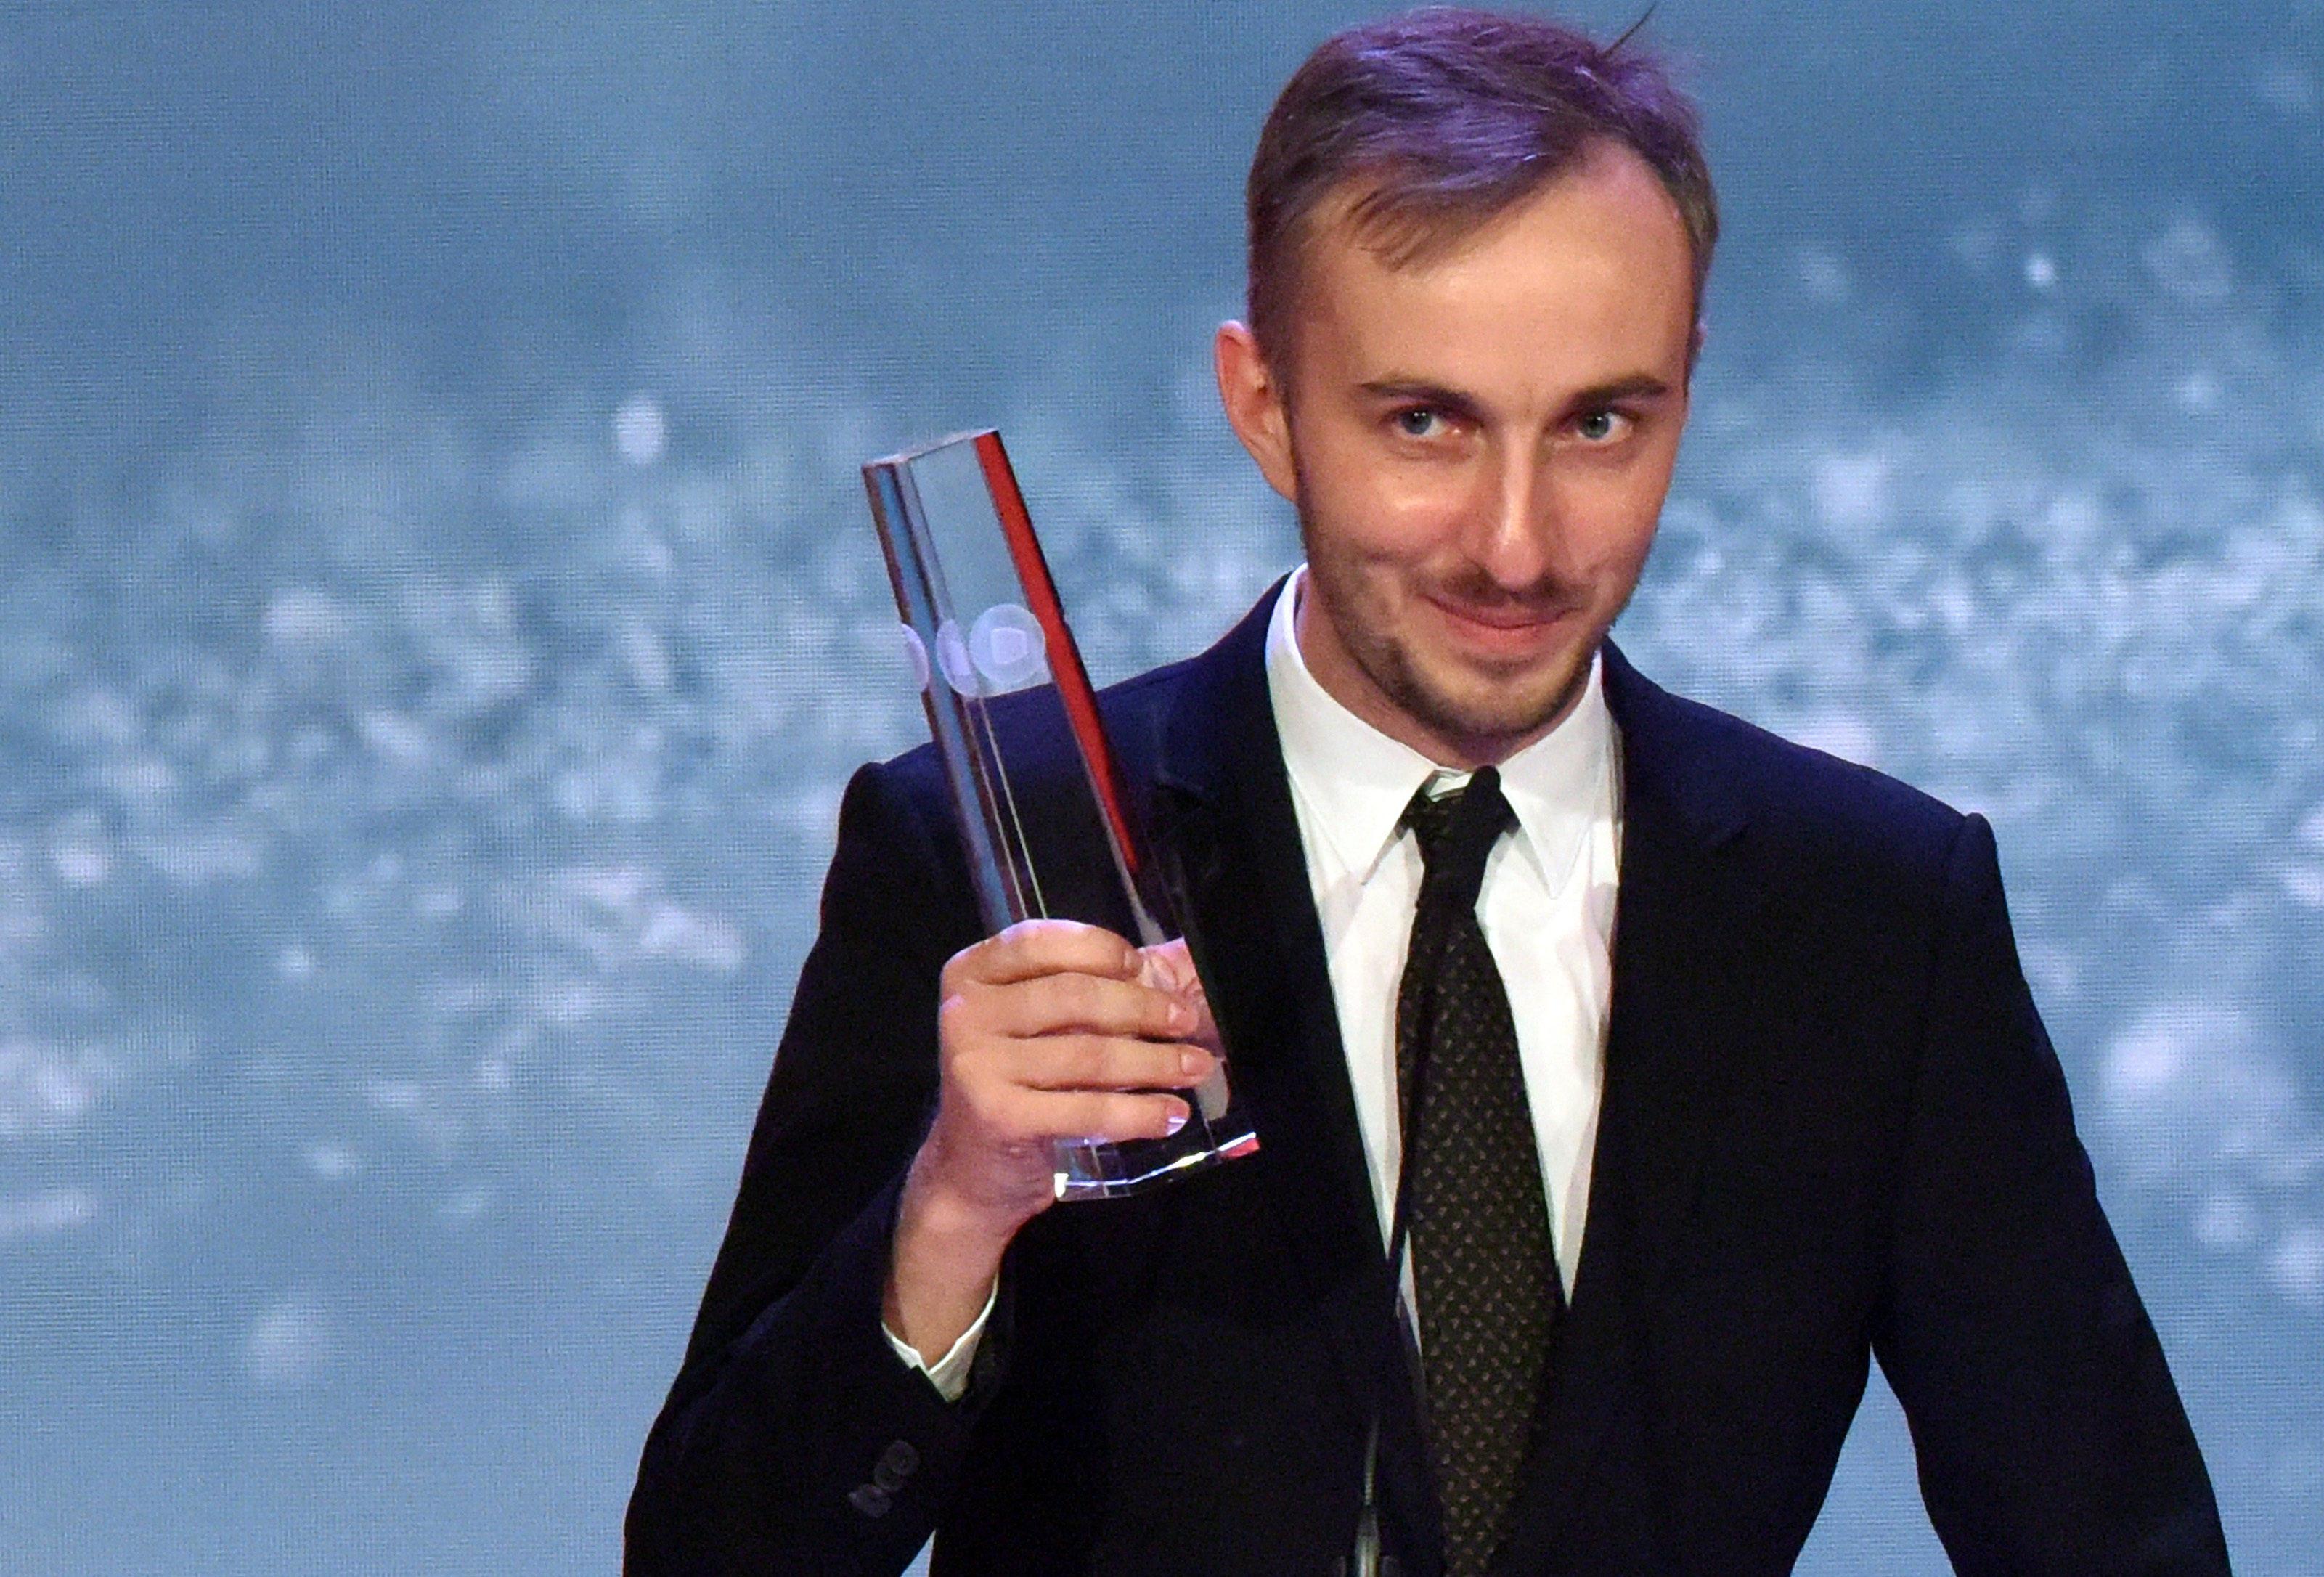 Jan Böhmermann Widmet Den Deutschen Fernsehpreis Seinen Anwälten